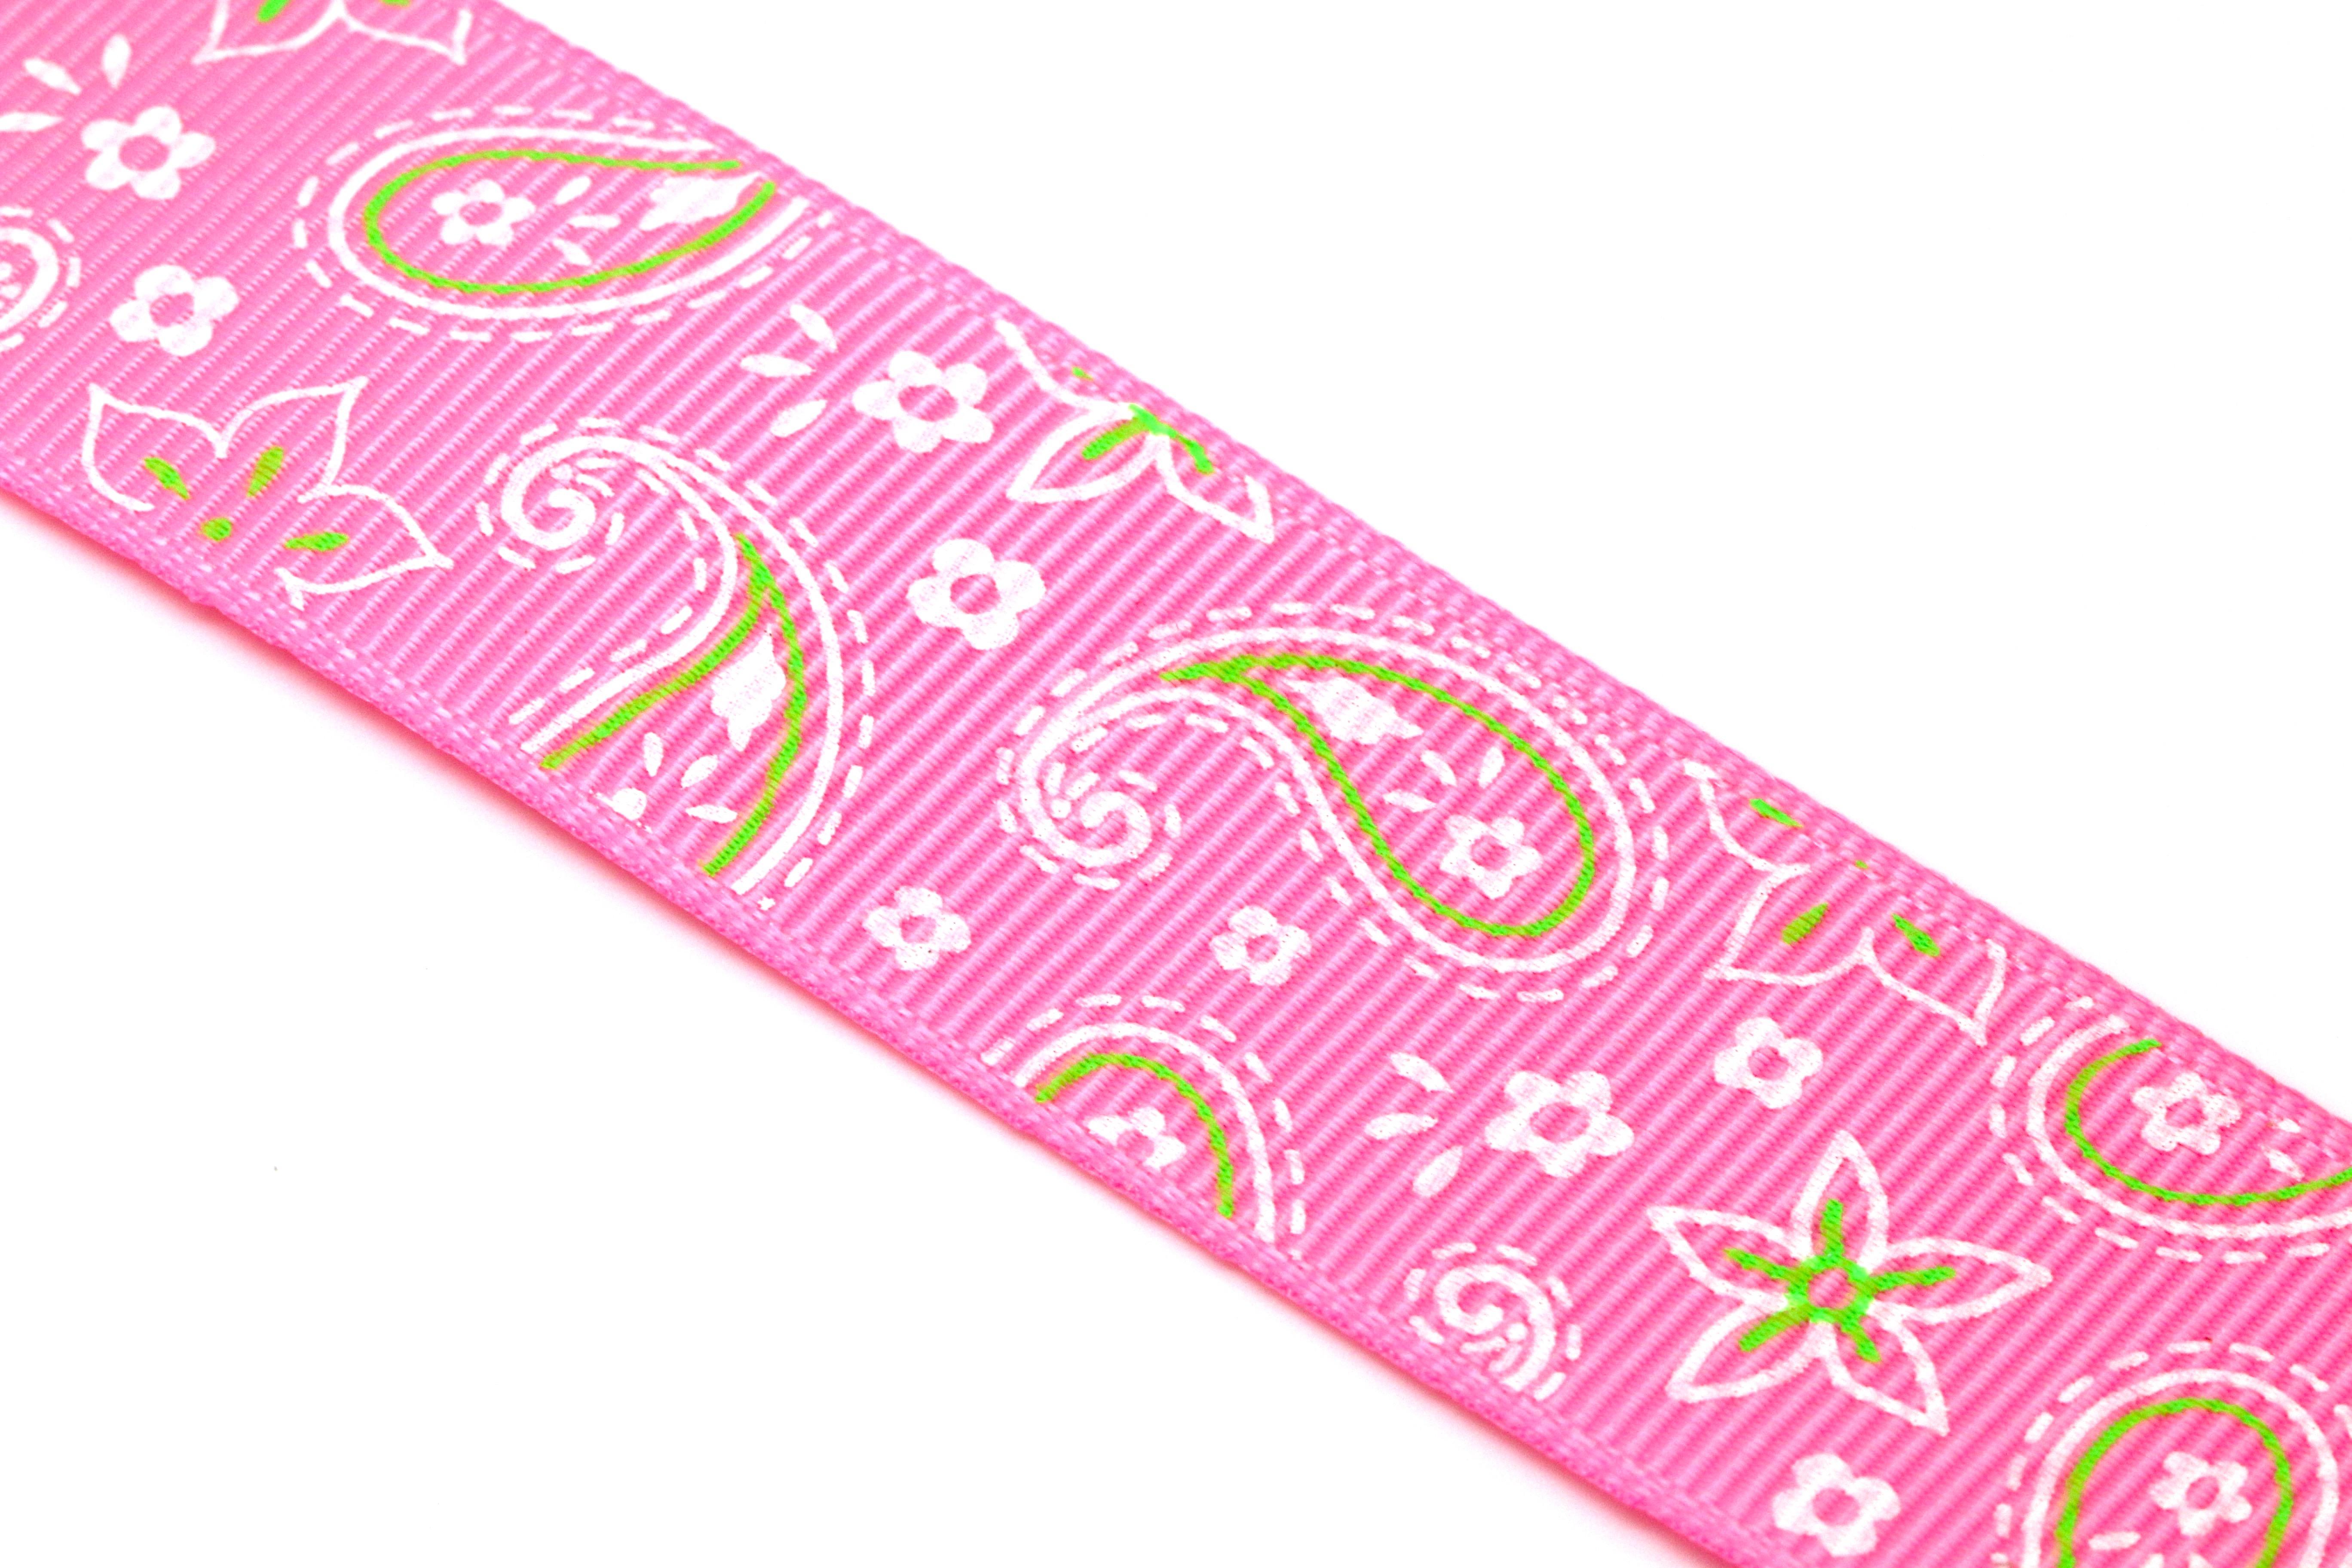 Kreaktiv 1m Deko Ribbon Vintage Deko014